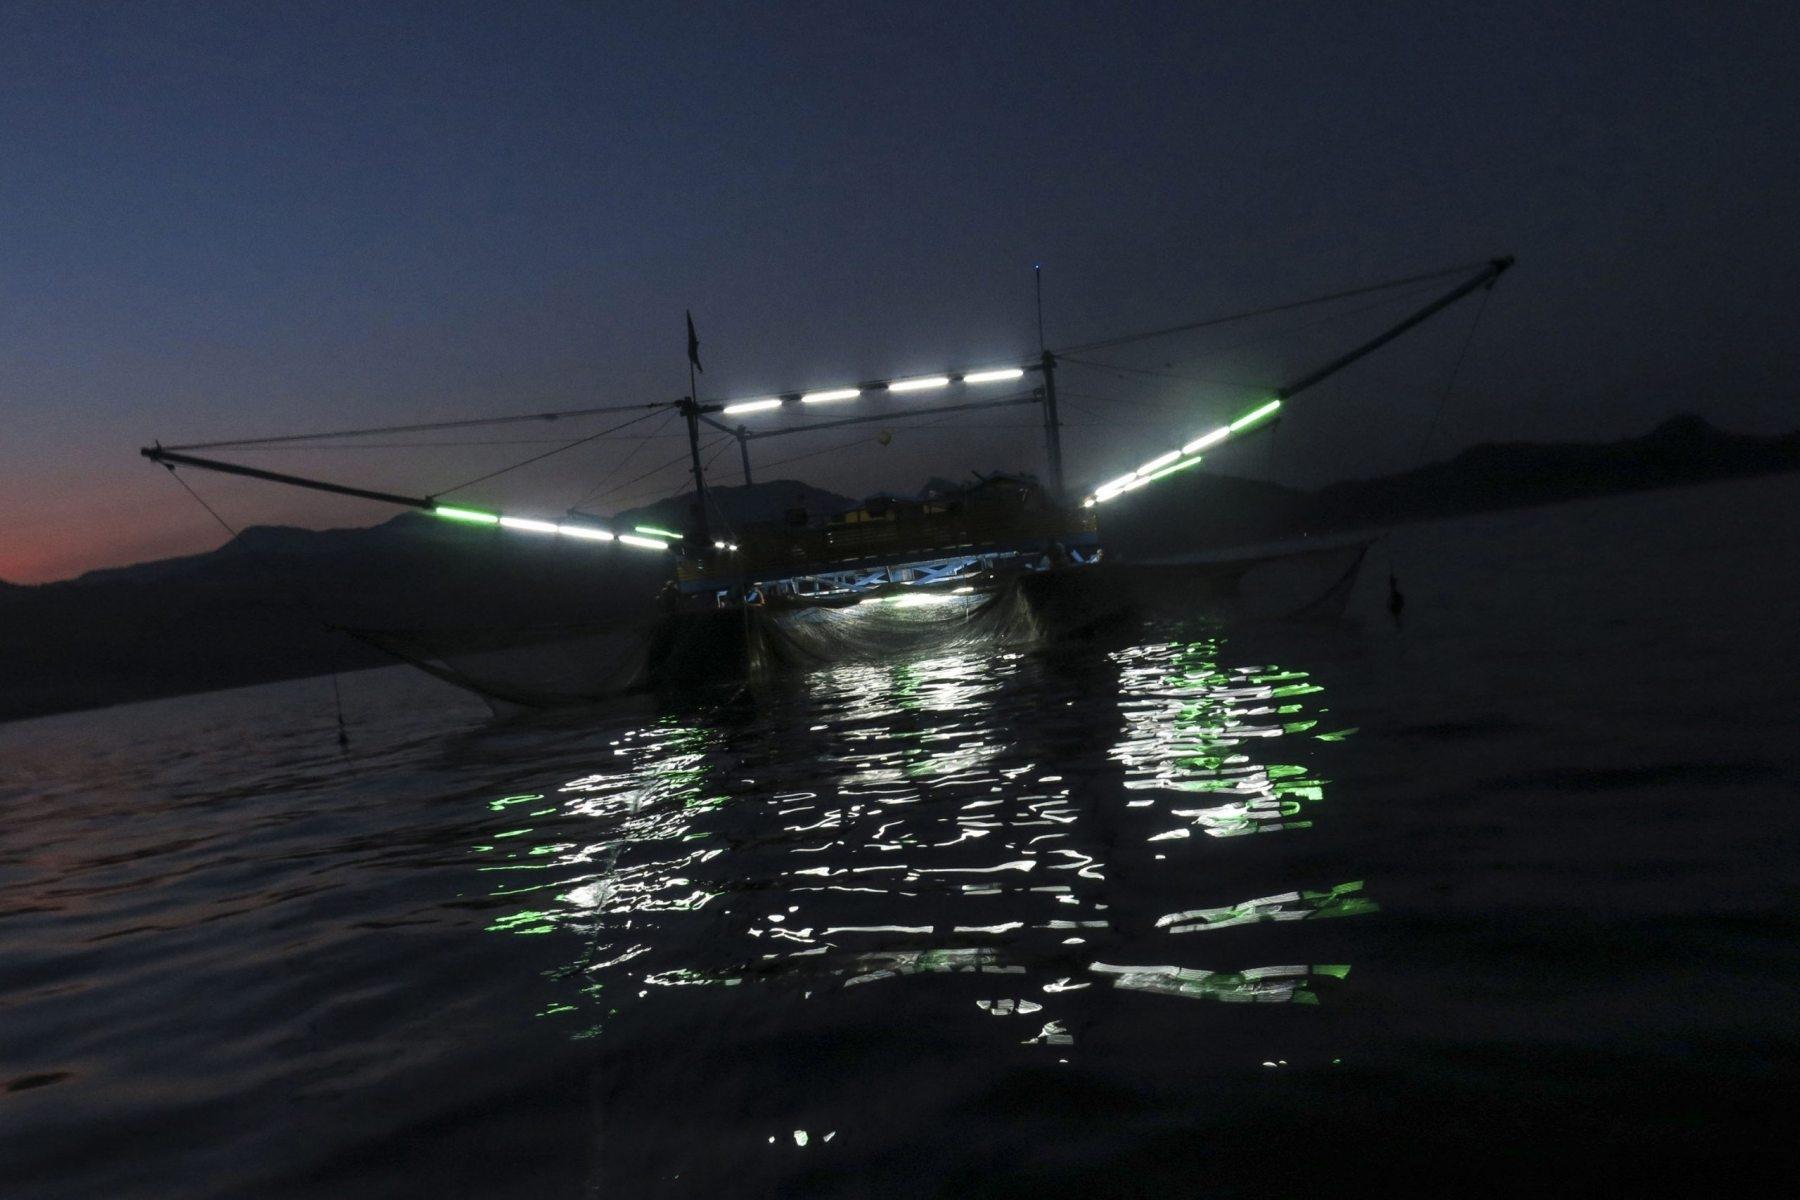 Kapal palong beroperasi di tengah lautan, Sabtu (21/4/2018). Metode nelayan palong cenderung ramah lingkungan karena hanya menggunakan cahaya lampu untuk menarik ikan ke dalam jaring.